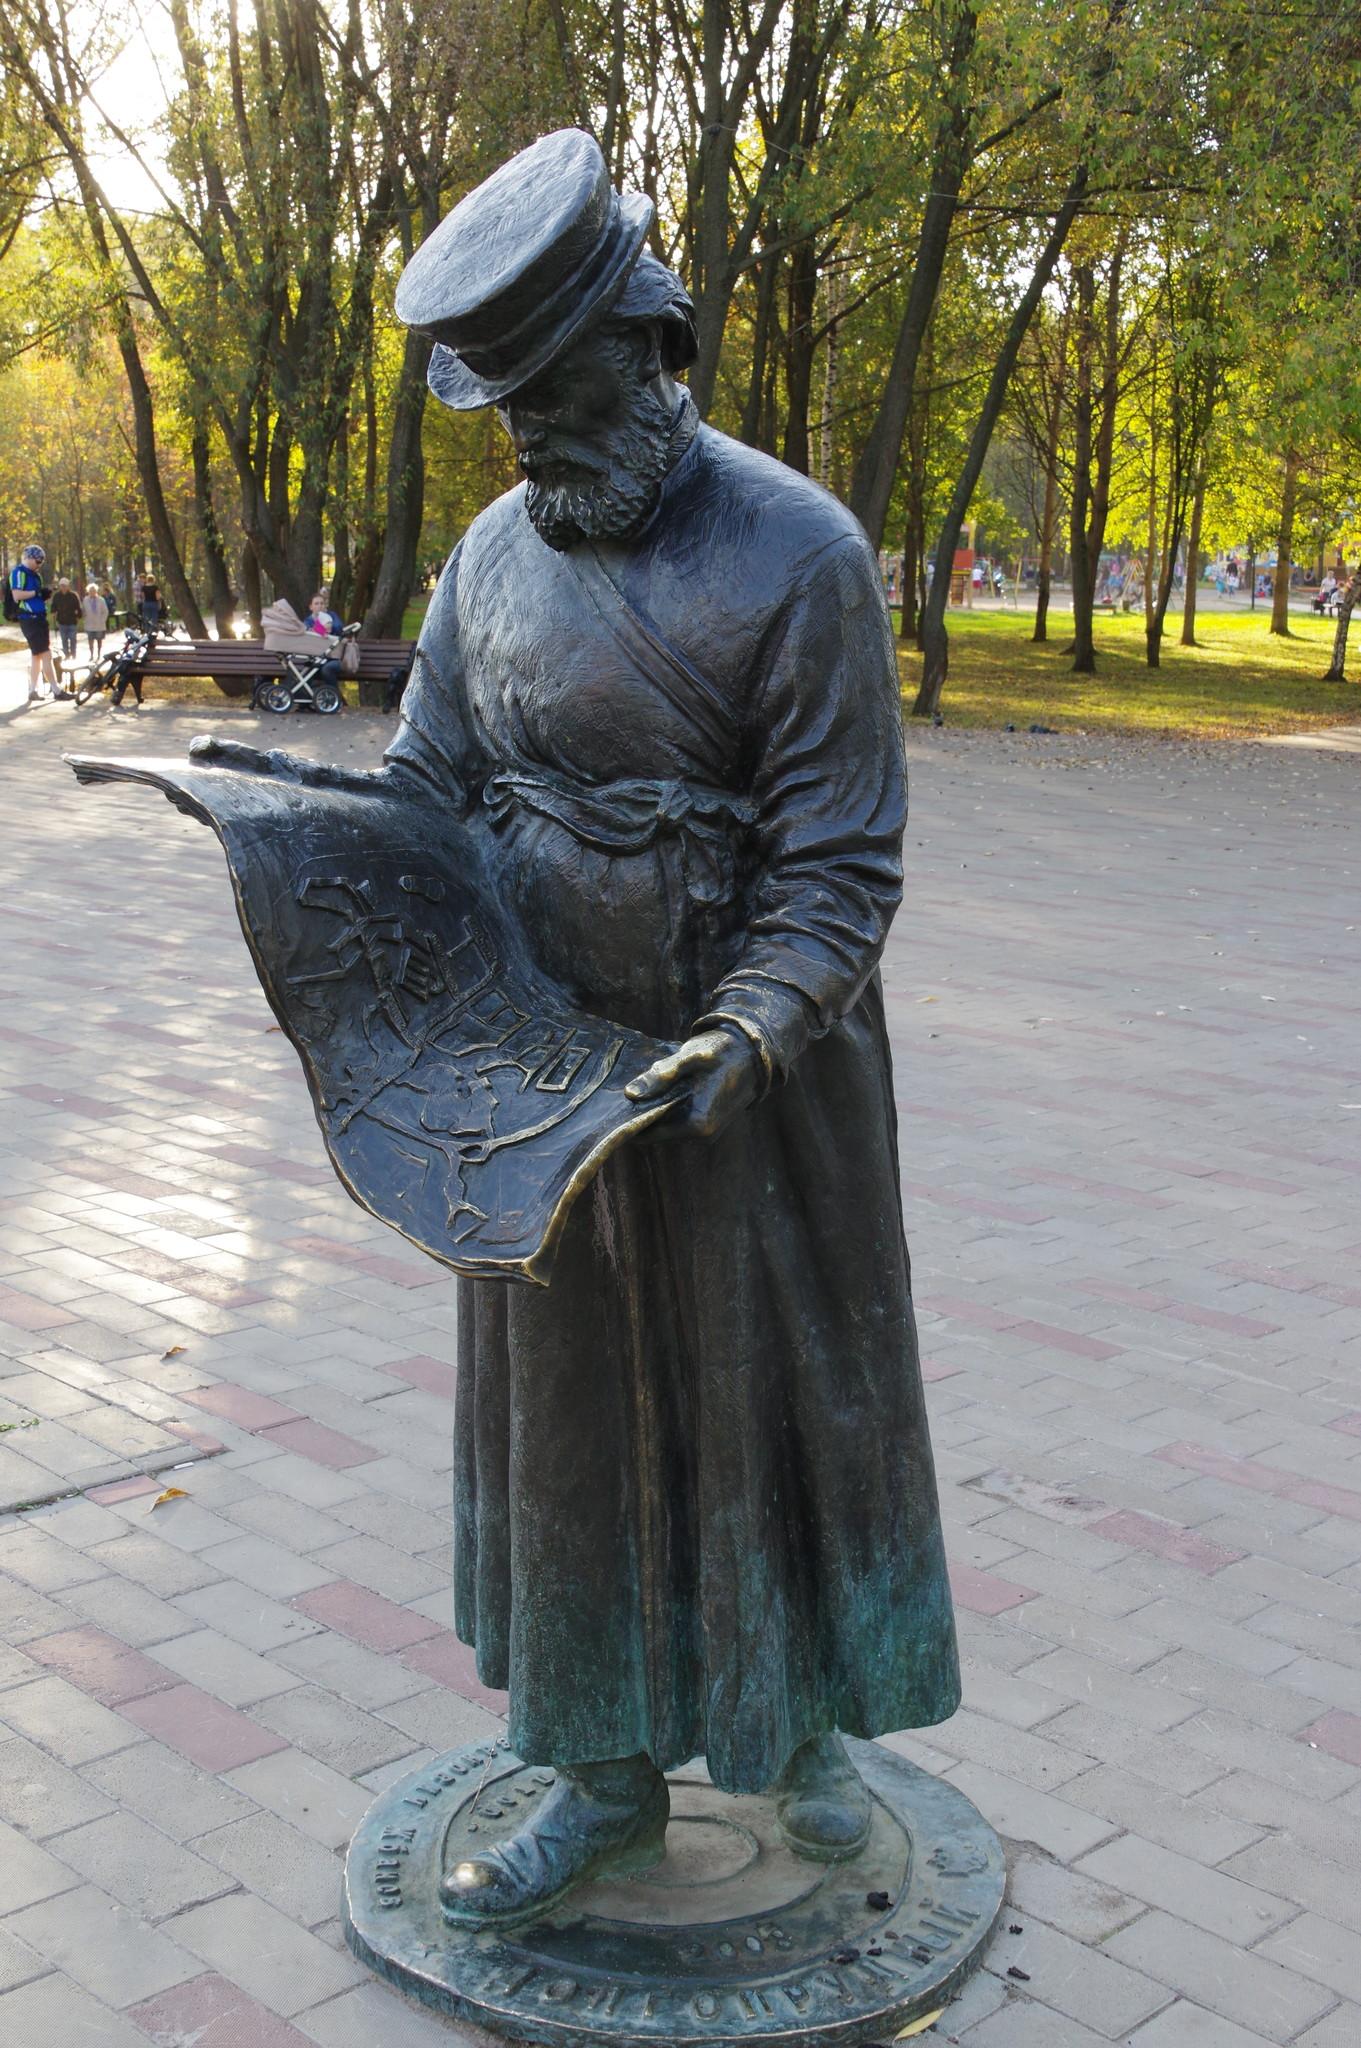 Скульптура «Ямщик» в Парке культуры и отдыха города Долгопрудный